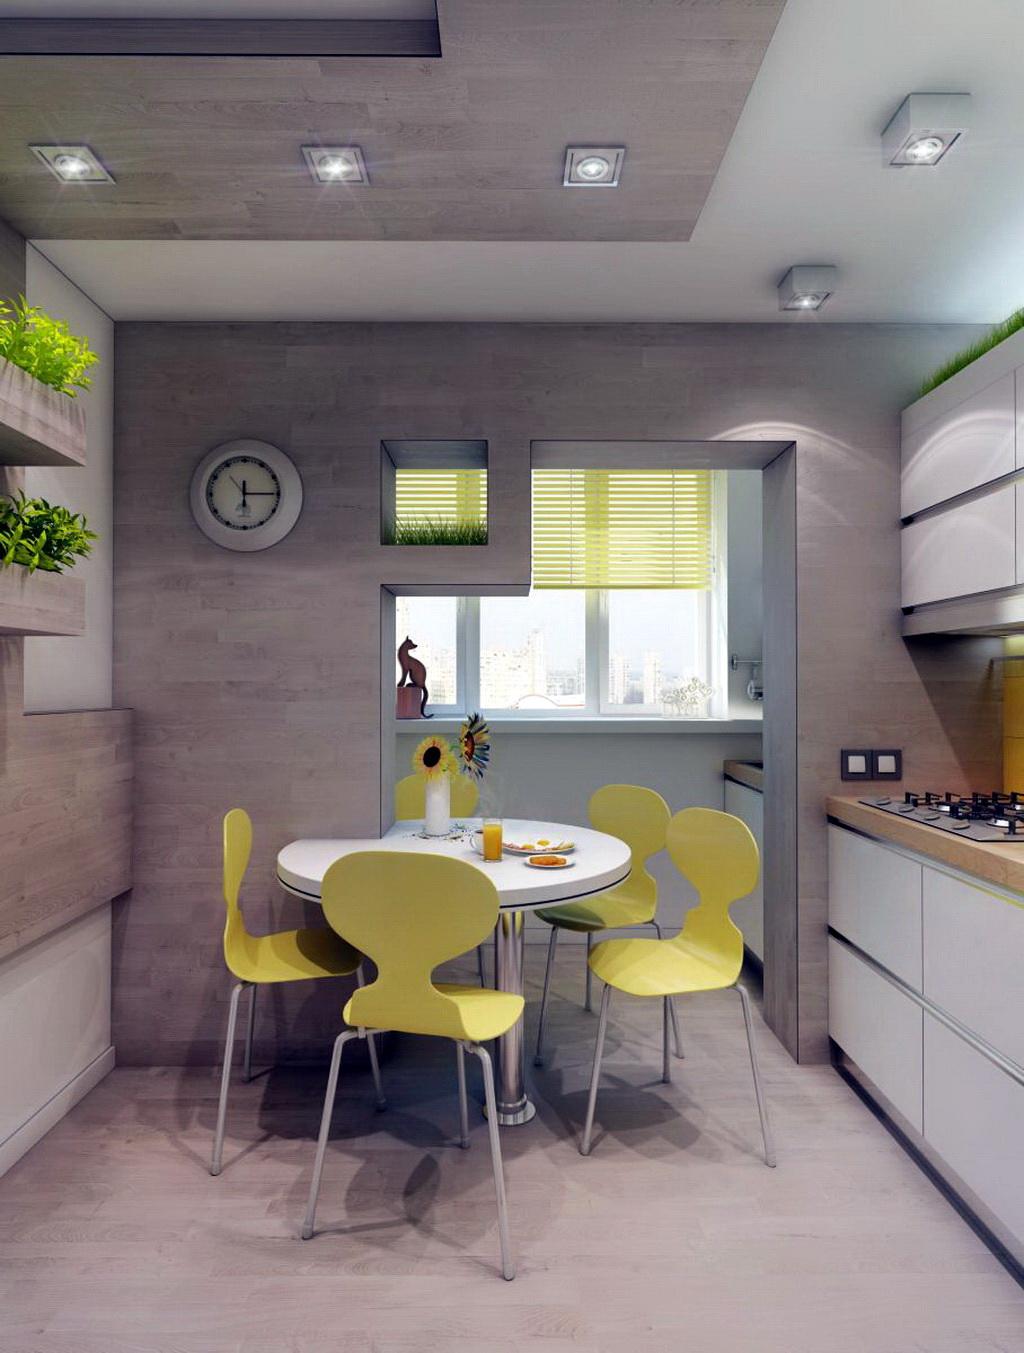 Кухня на балконе - идеи по дизайну и размещению мебели (85 ф.